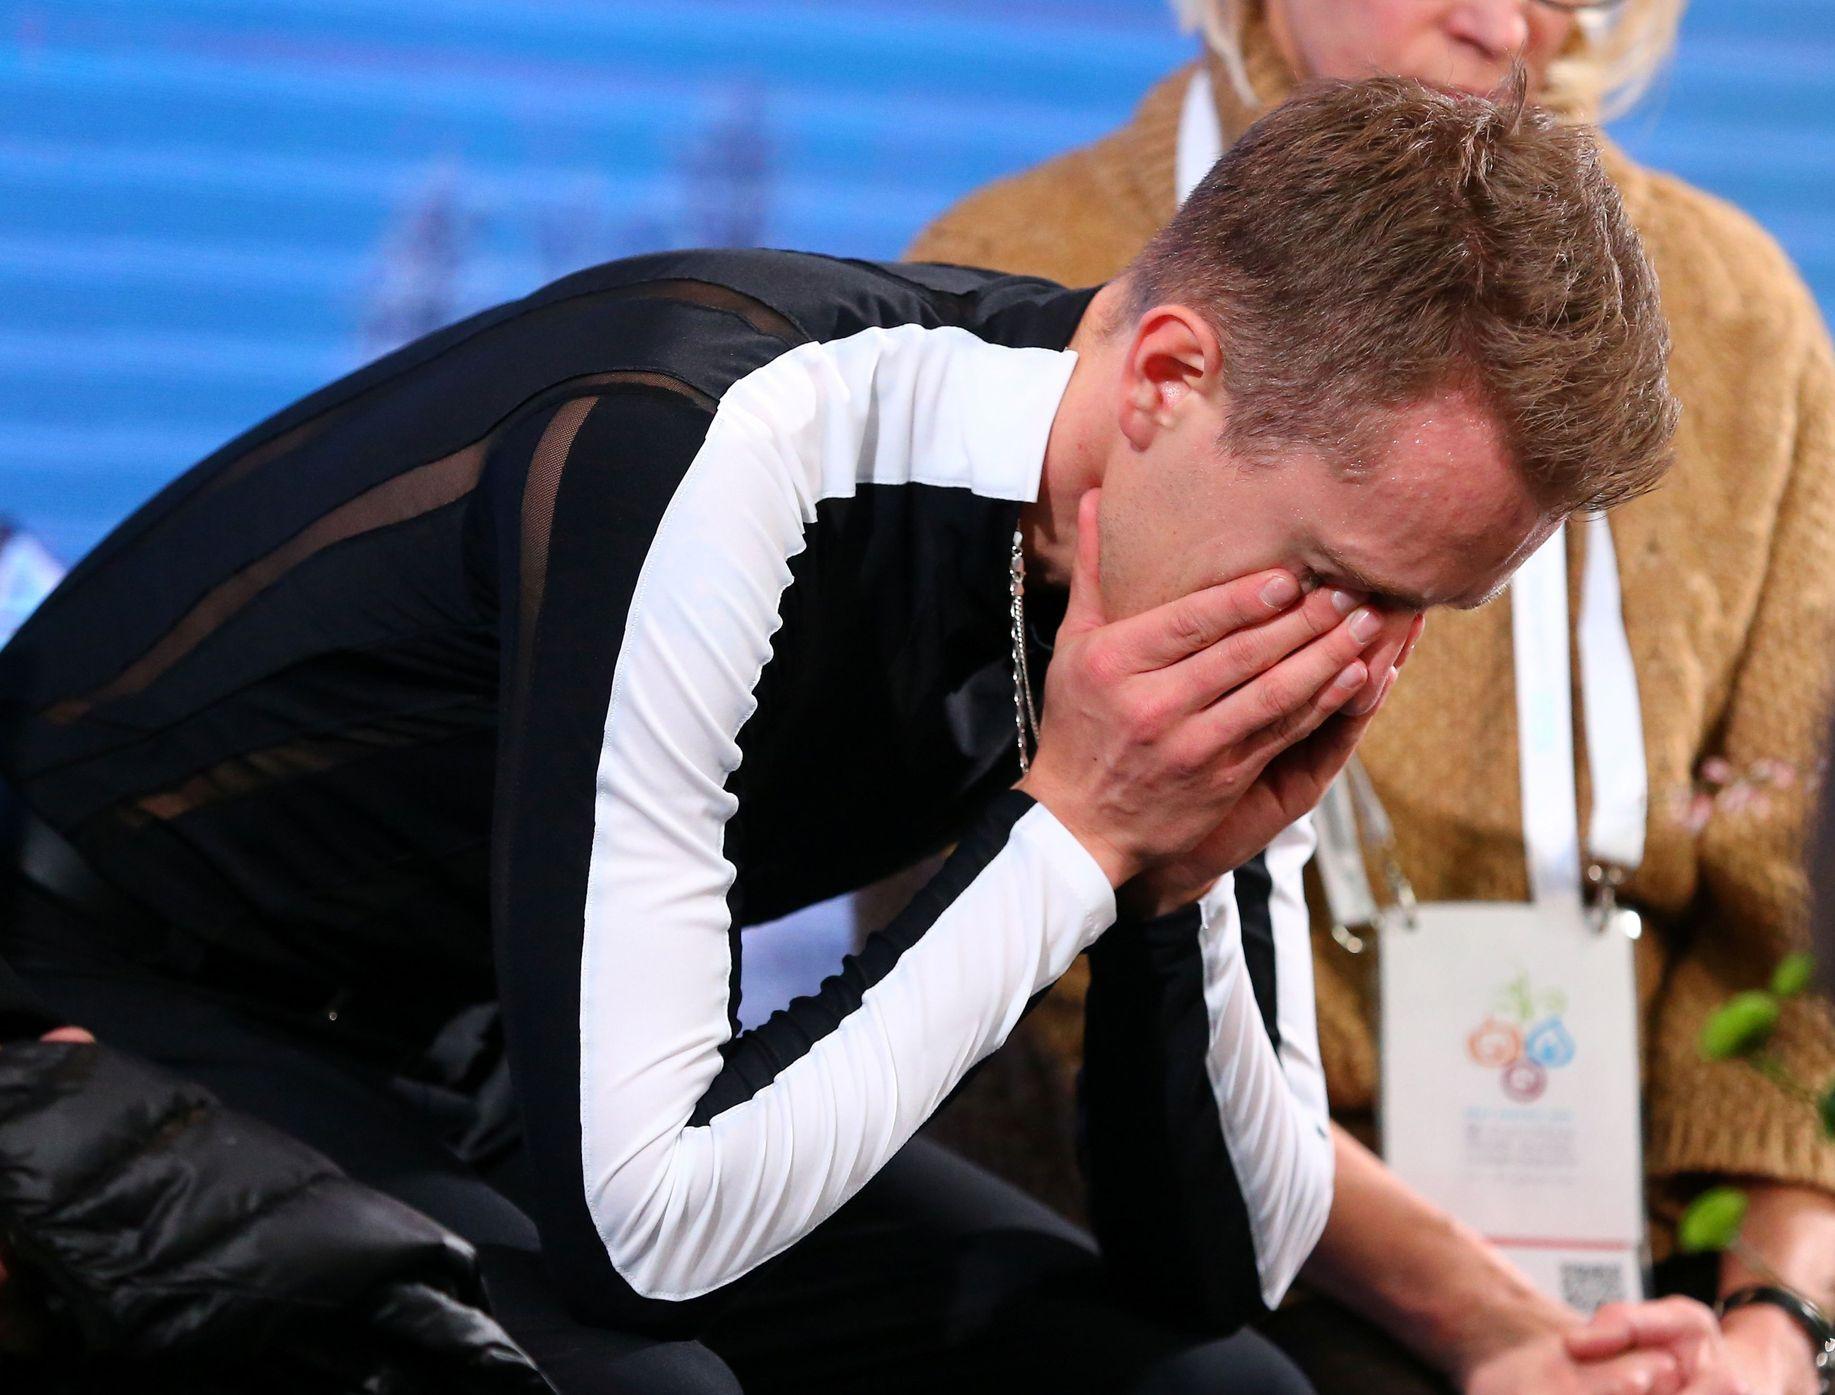 Březinova sportovní tragédie. Jako lídr zpackal volnou jízdu, po pádech skončil sedmý